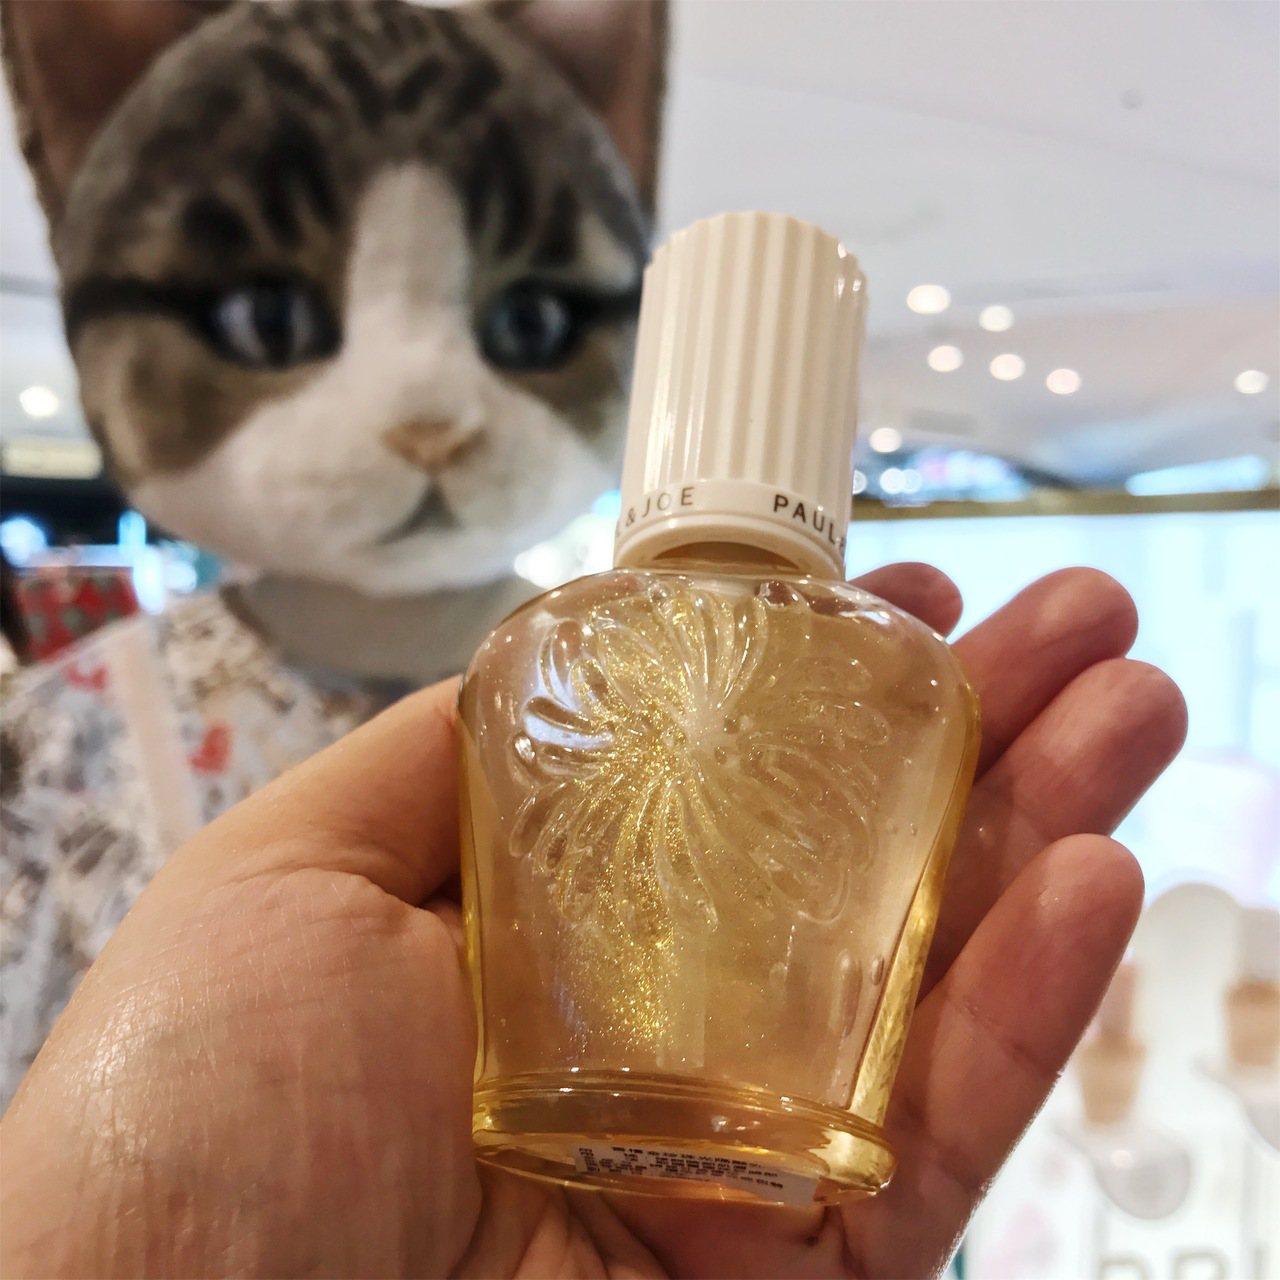 開幕限量香檳金珍珠光隔離乳1,200元。記者江佩君/攝影